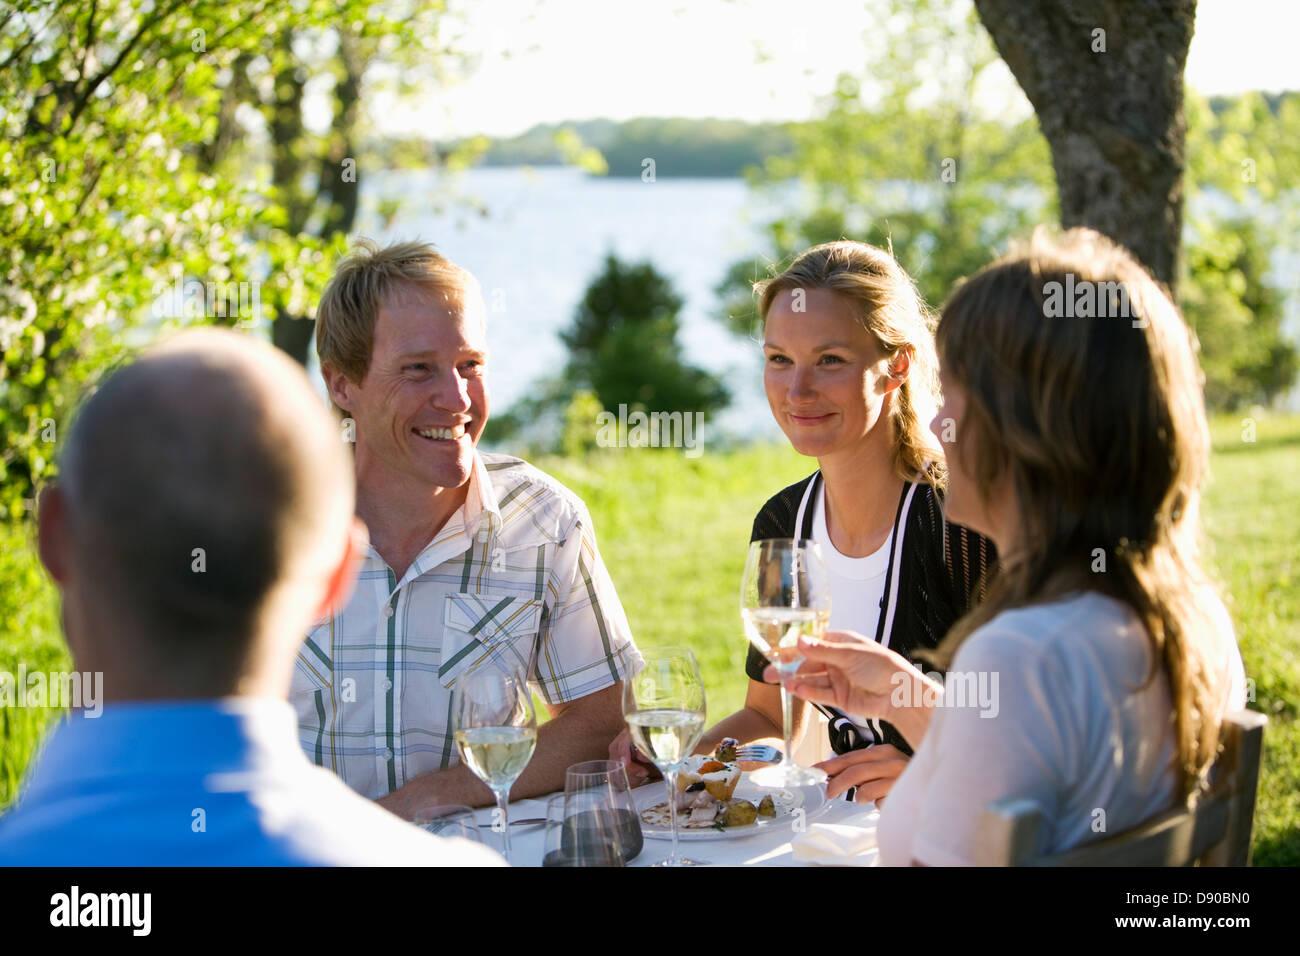 Fiesta de verano, Fejan, archipiélago de Estocolmo, Suecia. Foto de stock